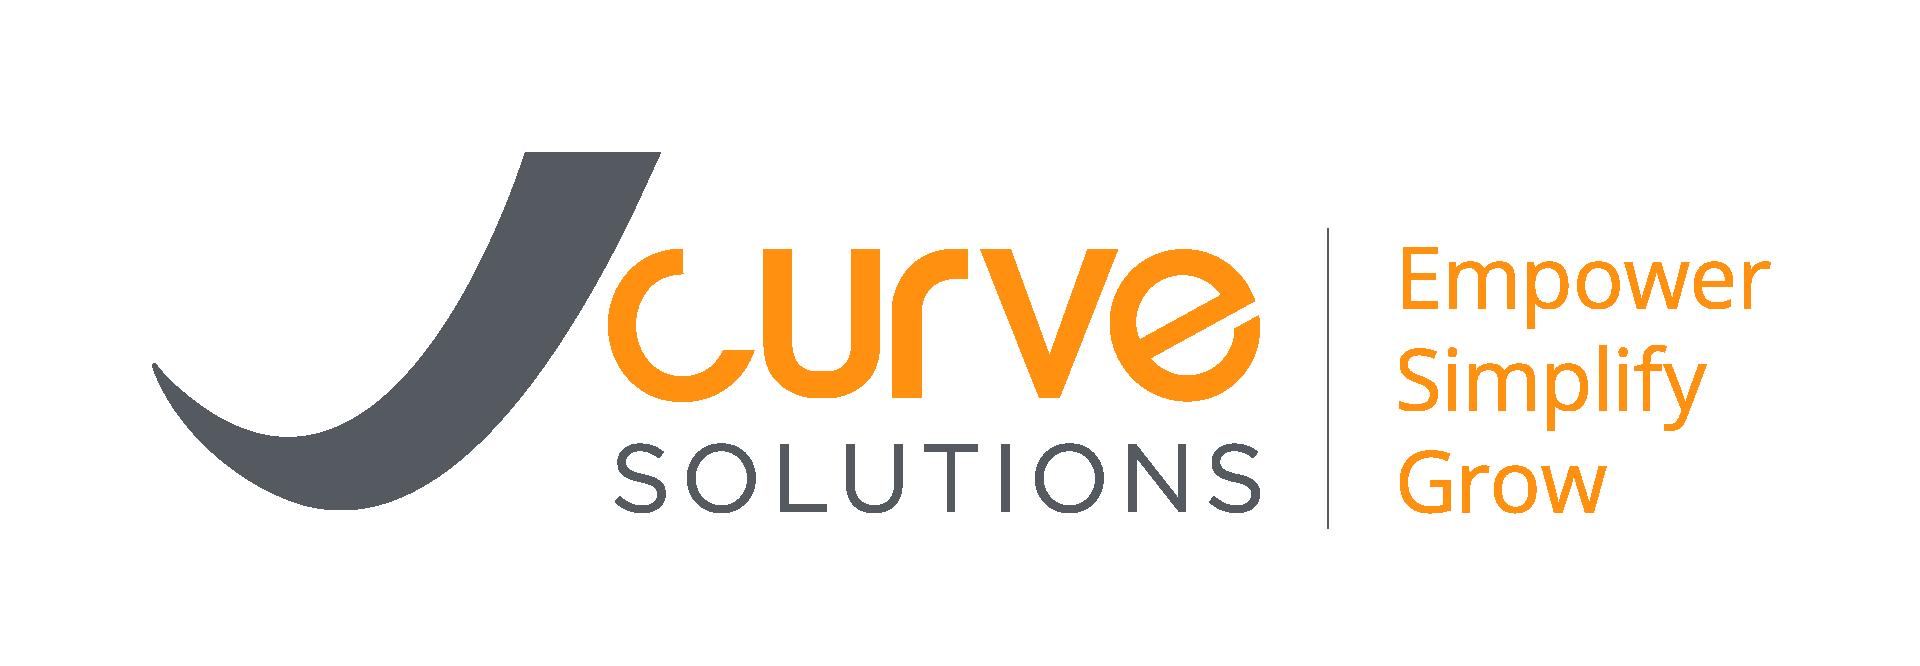 Jcurve Solutions Asia Pte Ltd